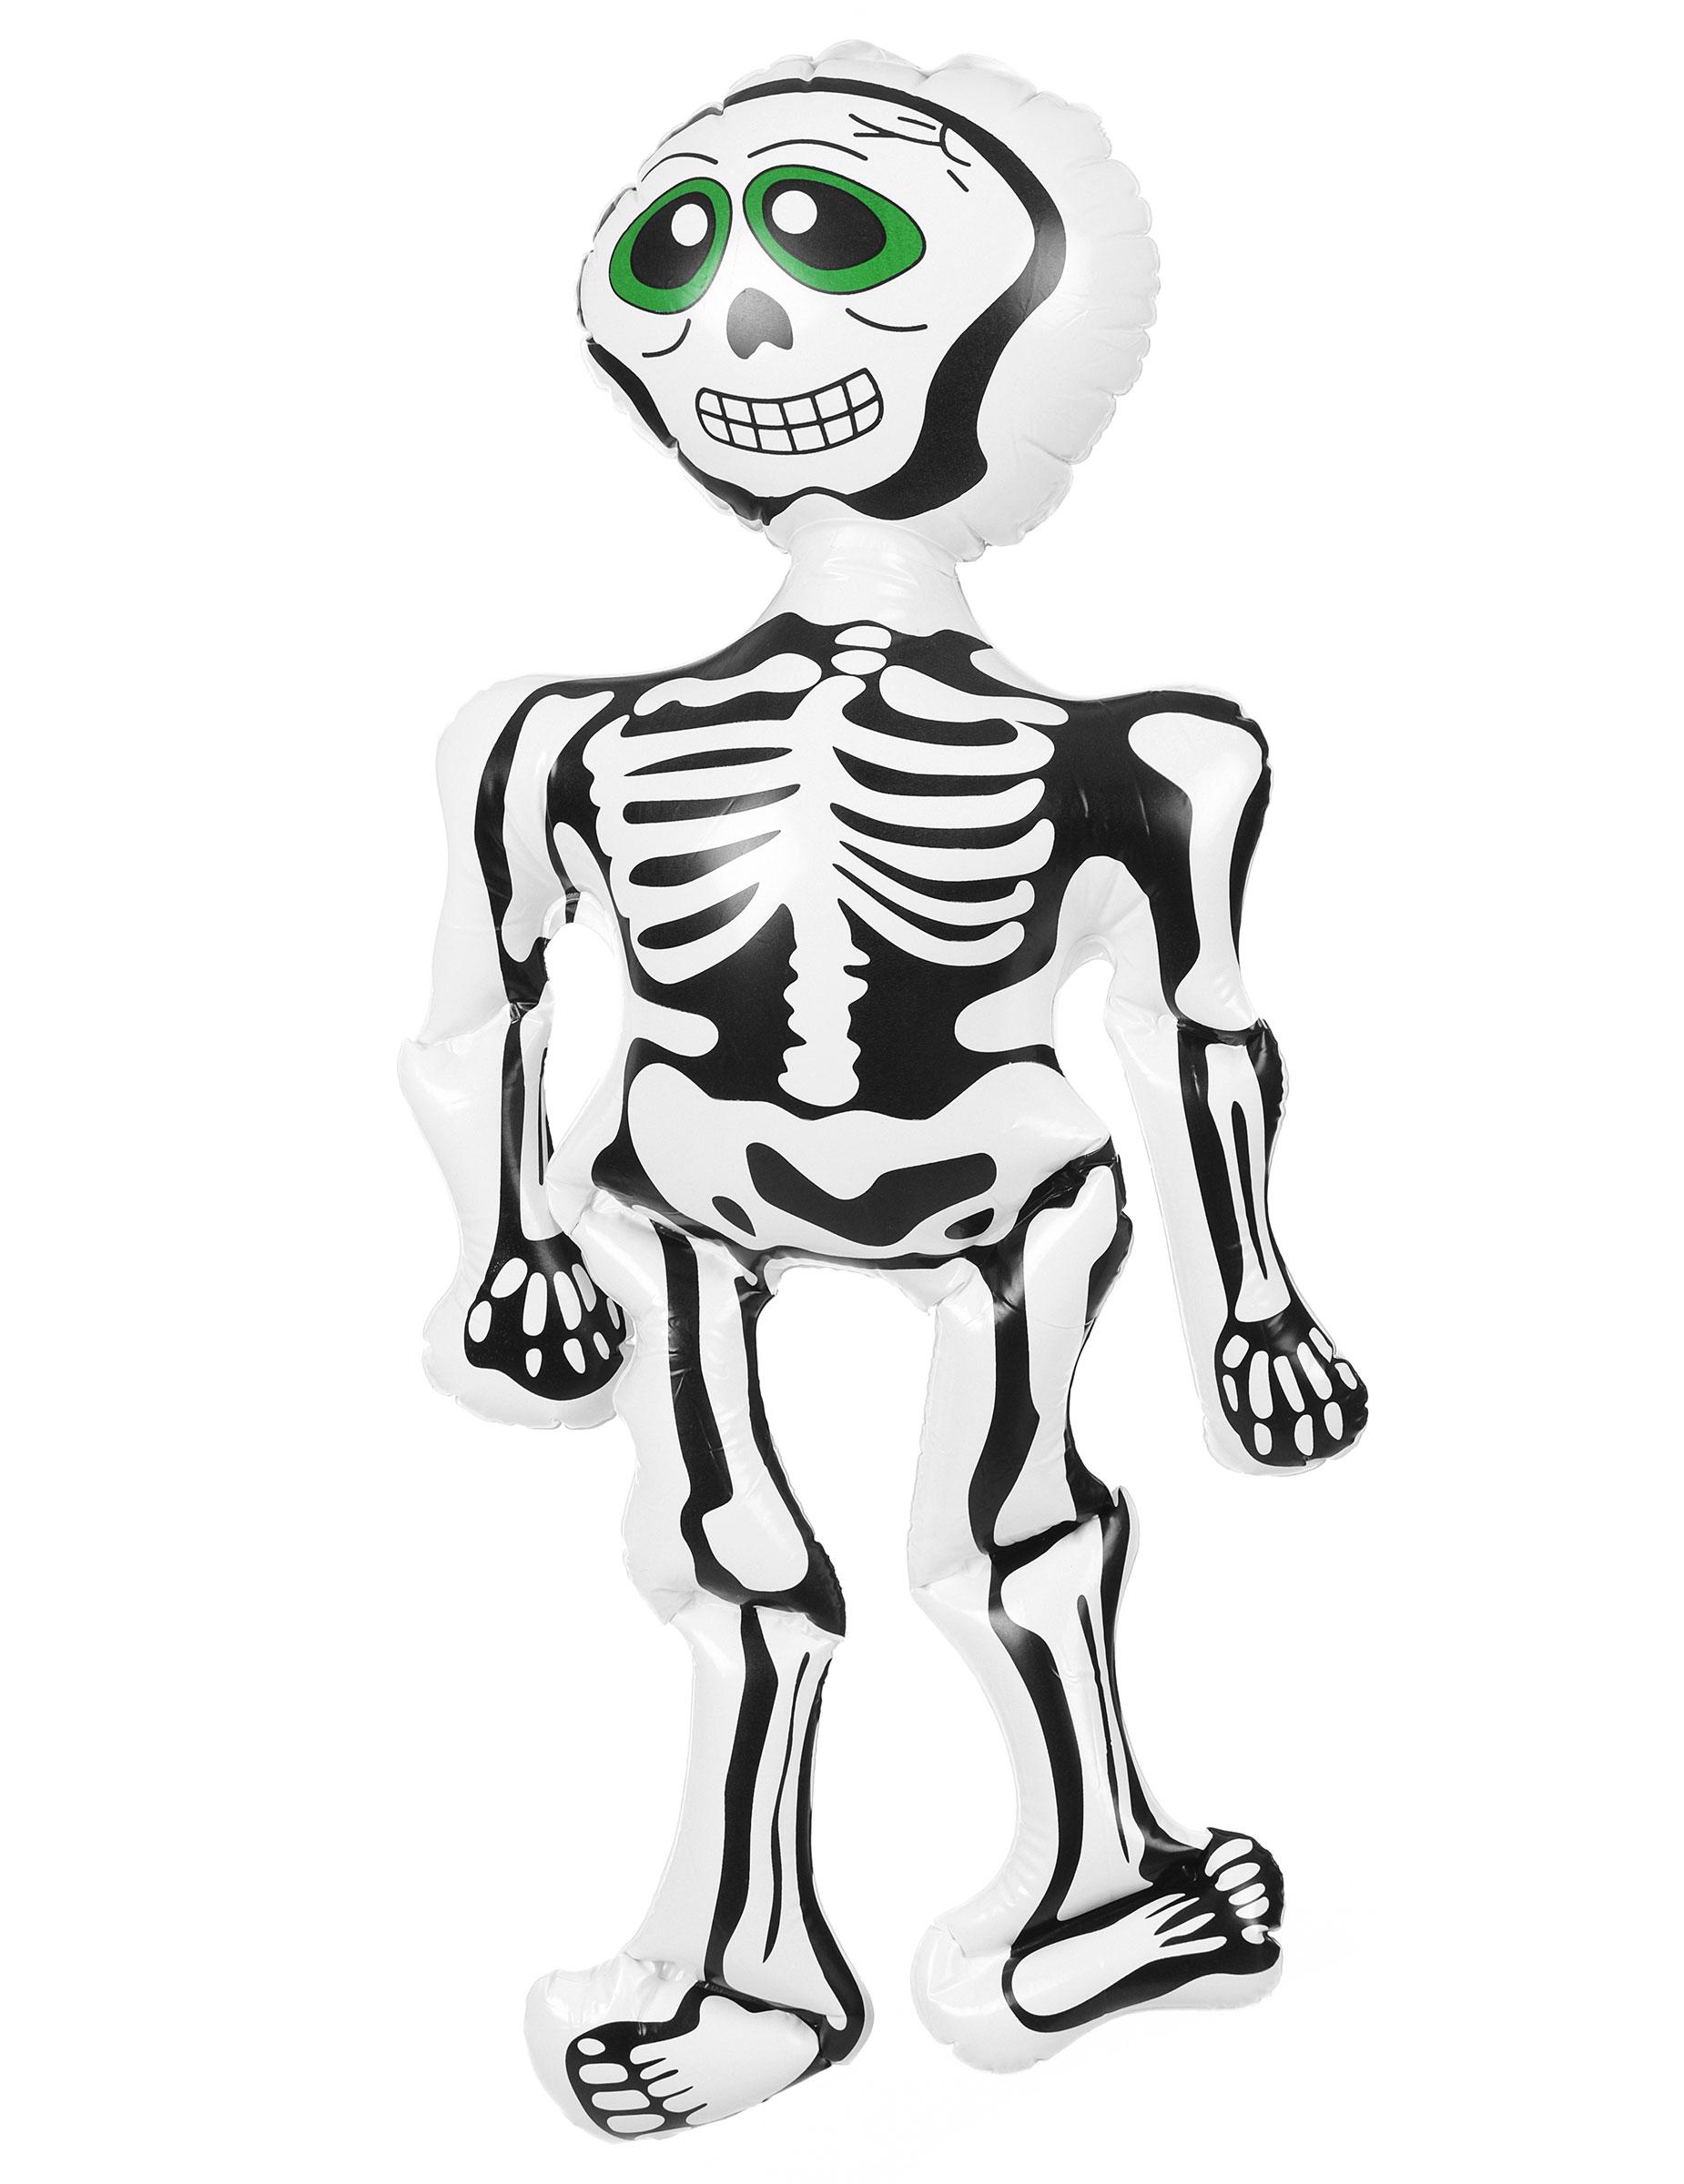 Aufblasbares Skelett Halloween Deko Weiss Schwarz Grun Gunstige